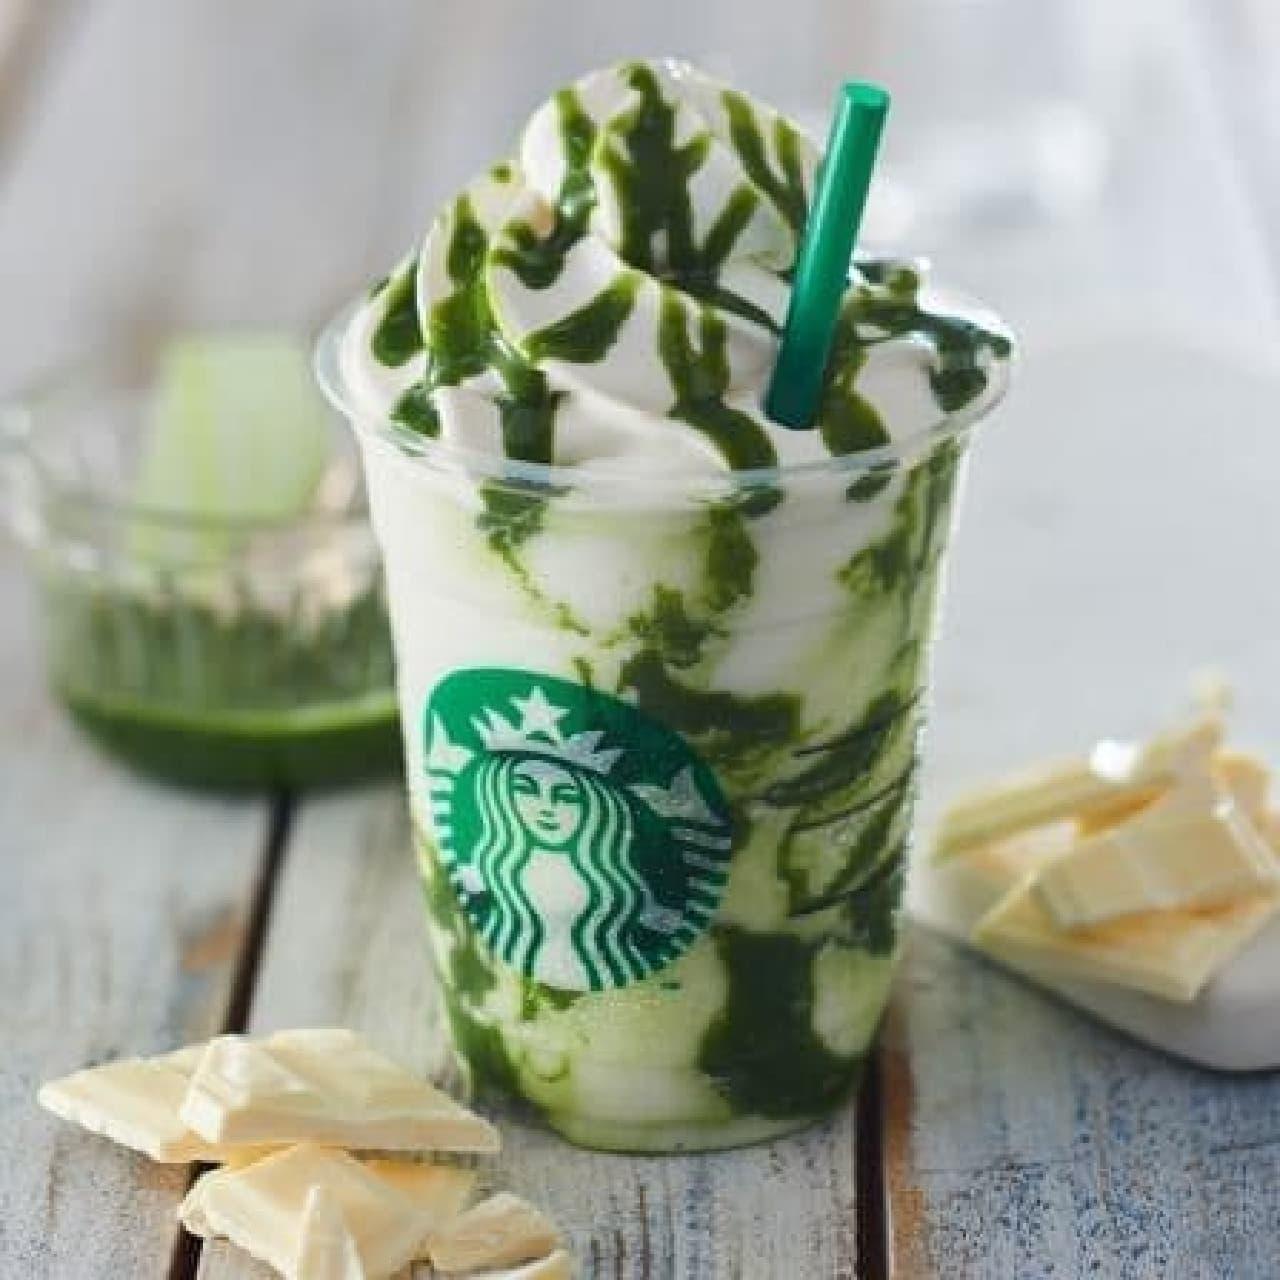 スターバックス コーヒー「抹茶 ホワイト チョコレート フラペチーノ」